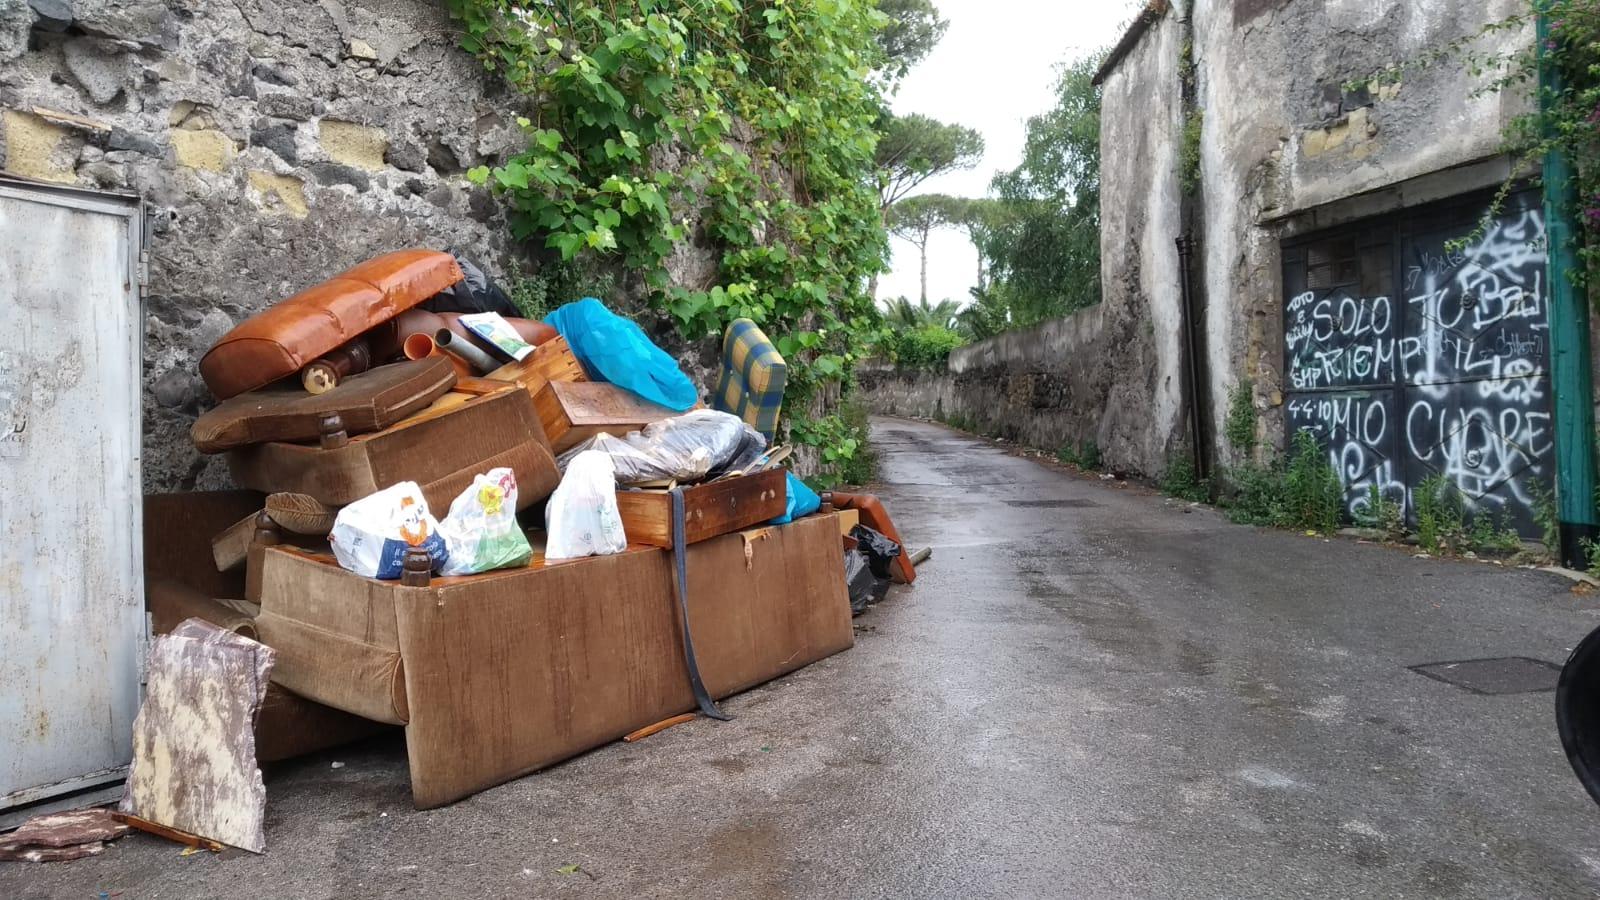 Cinquanta discariche nelle strade di Torre del Greco: iniziano i controlli notturni